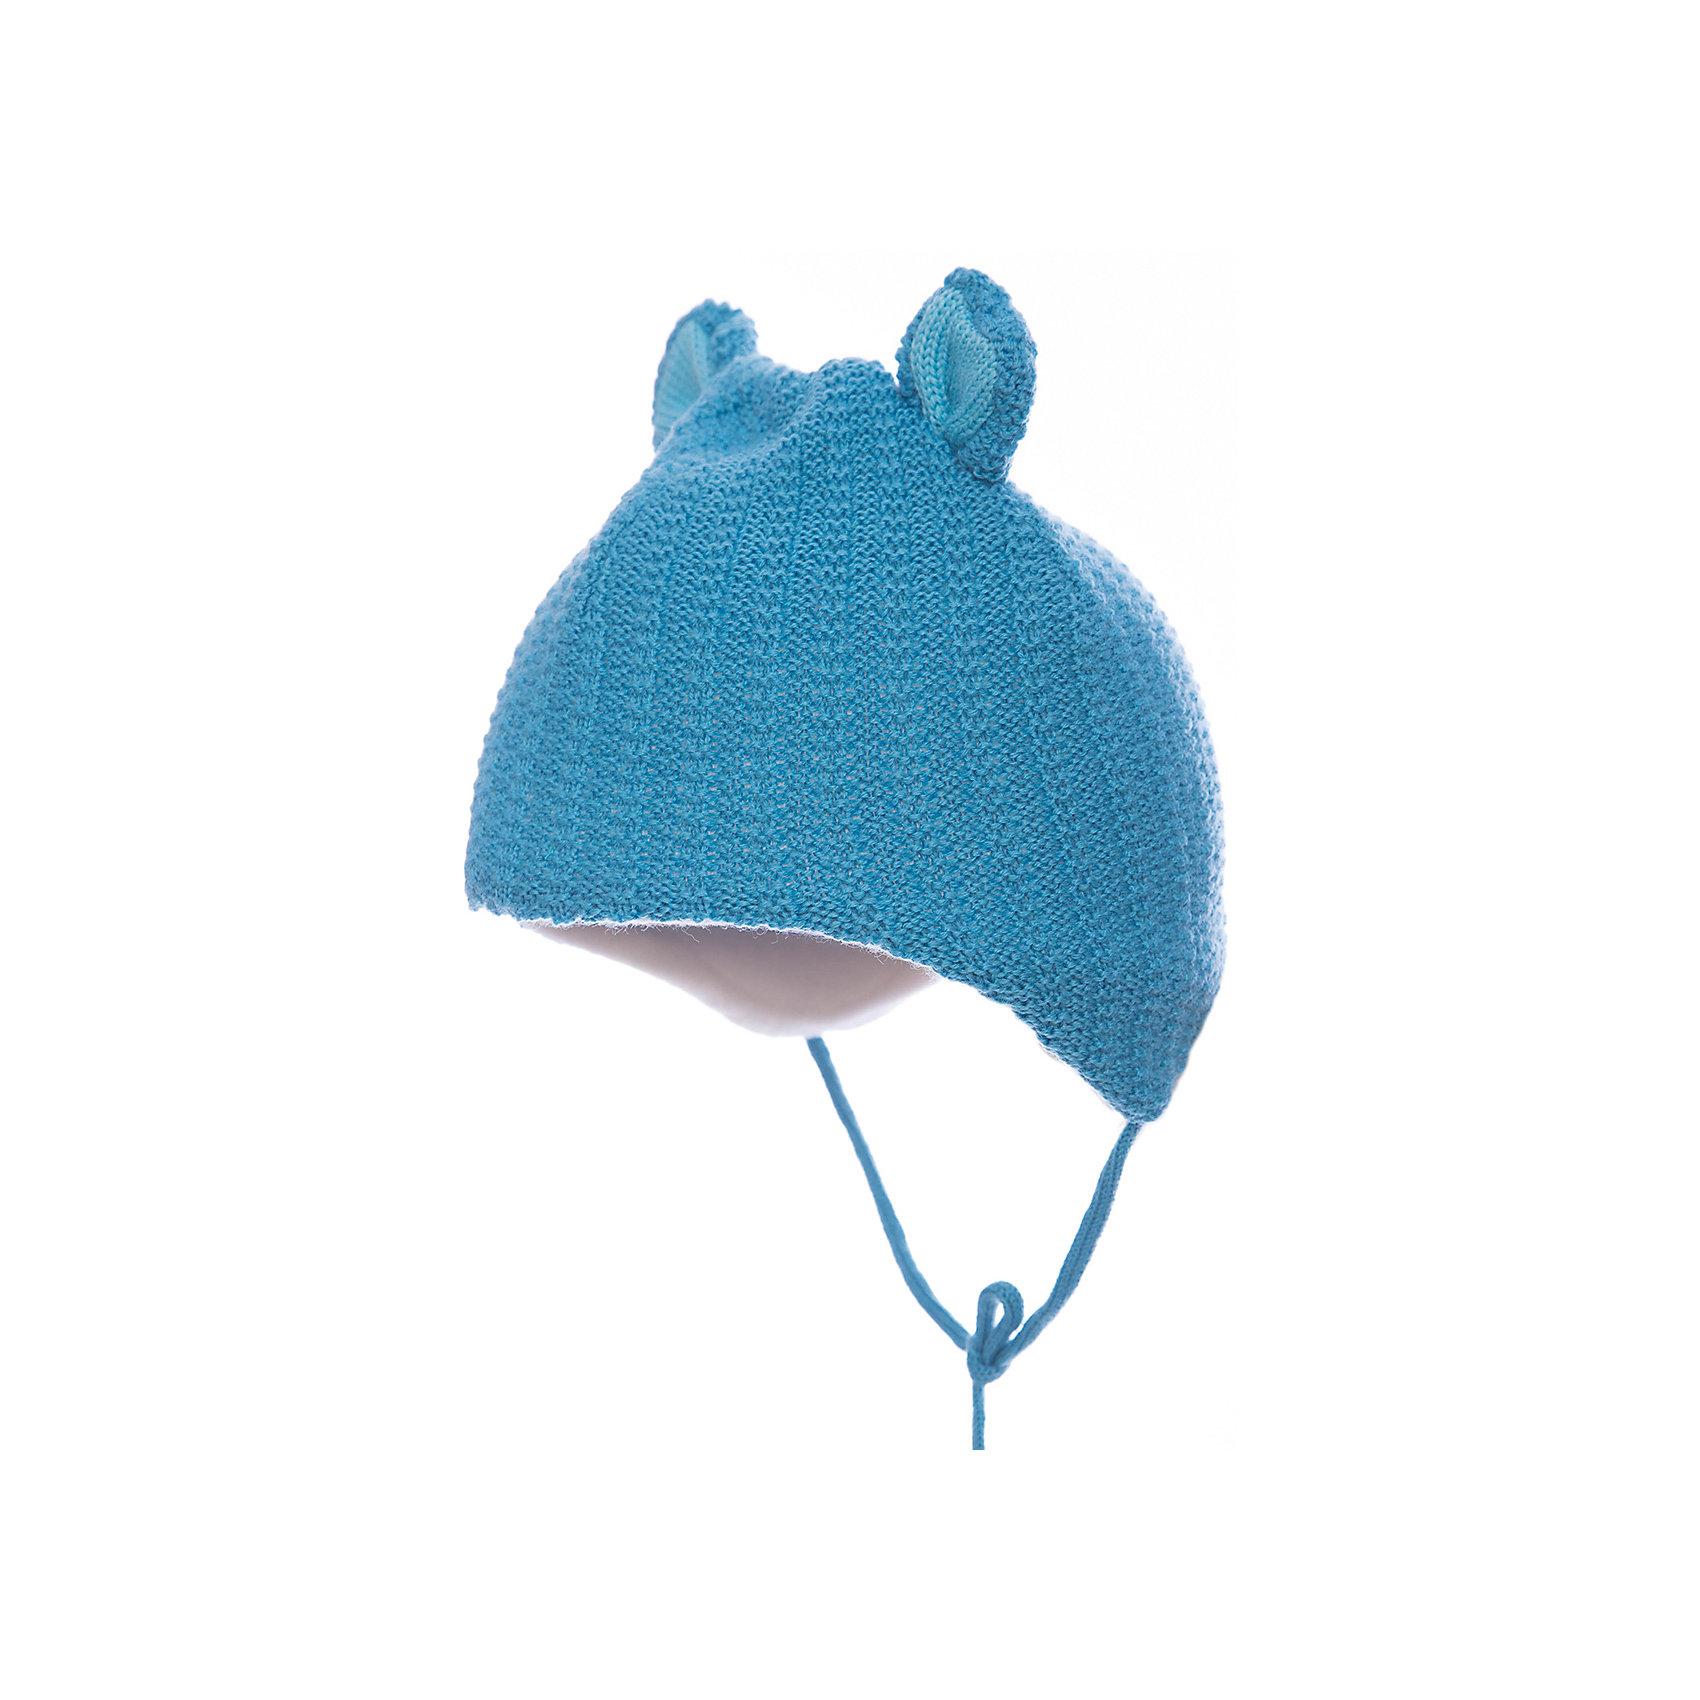 Шапка JanusШапка Janus<br>Теплая шапка, надежно защищающая головку и ушки малыша на прогулках, – обязательный элемент детской одежды в холодное время года. Плотная шерстяная шапочка из 100%-ной шерсти мериноса на подкладке из хлопкового трикотажа отвечает самым строгим требованиям заботливых родителей. Она гигроскопична, гипоаллергенна, обладает антибактериальным эффектом и прекрасно сохраняет тепло. <br><br>Благодаря завязкам шапочка плотно прилегает к головке ребенка, защищая ее от холодного ветра и мороза. А разнообразие цветовых вариантов позволит вам подобрать изделие на свой вкус. <br><br>Ребенку обязательно понравится его новая, легкая и теплая шерстяная шапочка с имитацией ушек.  Вам останется только завязать ее под подбородком малыша и отправиться вместе с ним на увлекательную зимнюю прогулку<br><br>Состав:<br>100% шерсть, подкладка 100% хлопок<br><br>Ширина мм: 89<br>Глубина мм: 117<br>Высота мм: 44<br>Вес г: 155<br>Цвет: синий<br>Возраст от месяцев: 12<br>Возраст до месяцев: 24<br>Пол: Мужской<br>Возраст: Детский<br>Размер: 47-49,49-51<br>SKU: 5048666